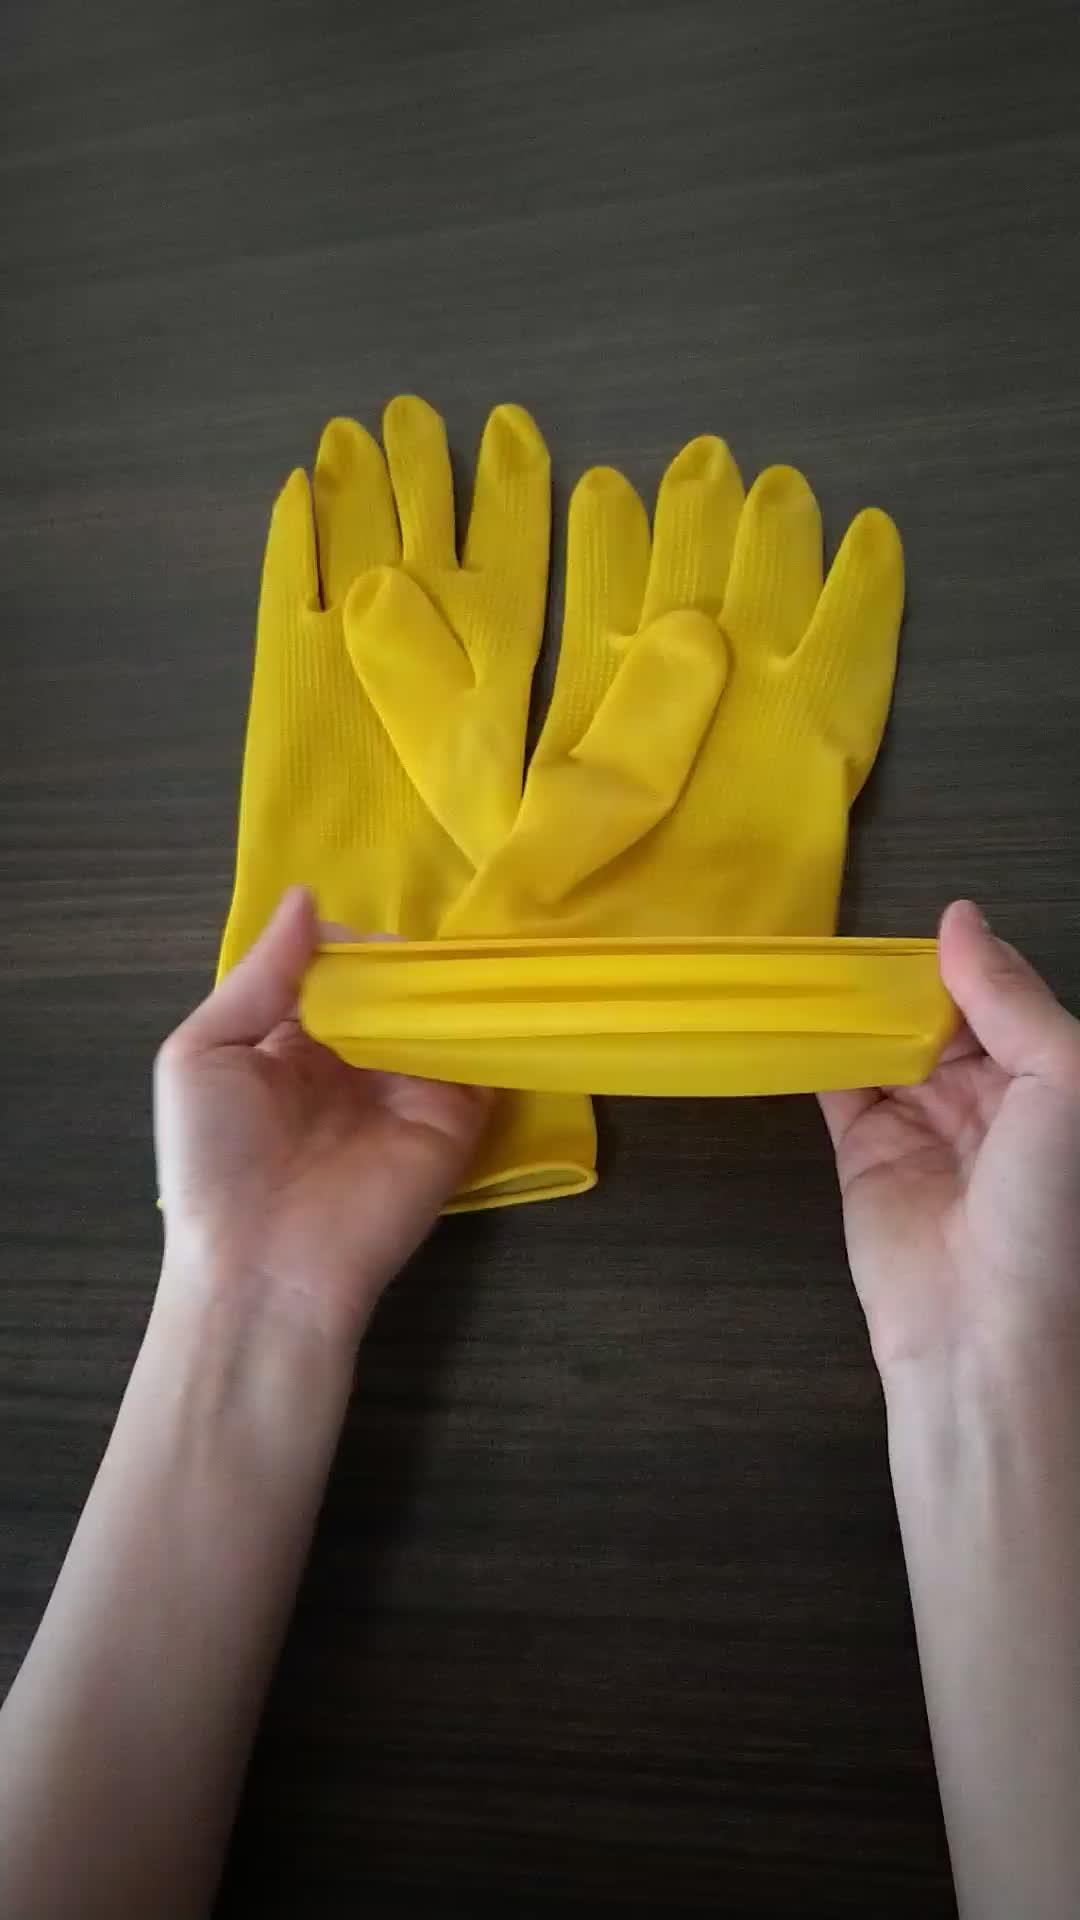 Di recente a buon mercato In Lattice Naturale Guanti Per Uso Domestico per la Casa di Pulizia/Per Uso Domestico Guanti In Lattice/guanti di Gomma Famiglia